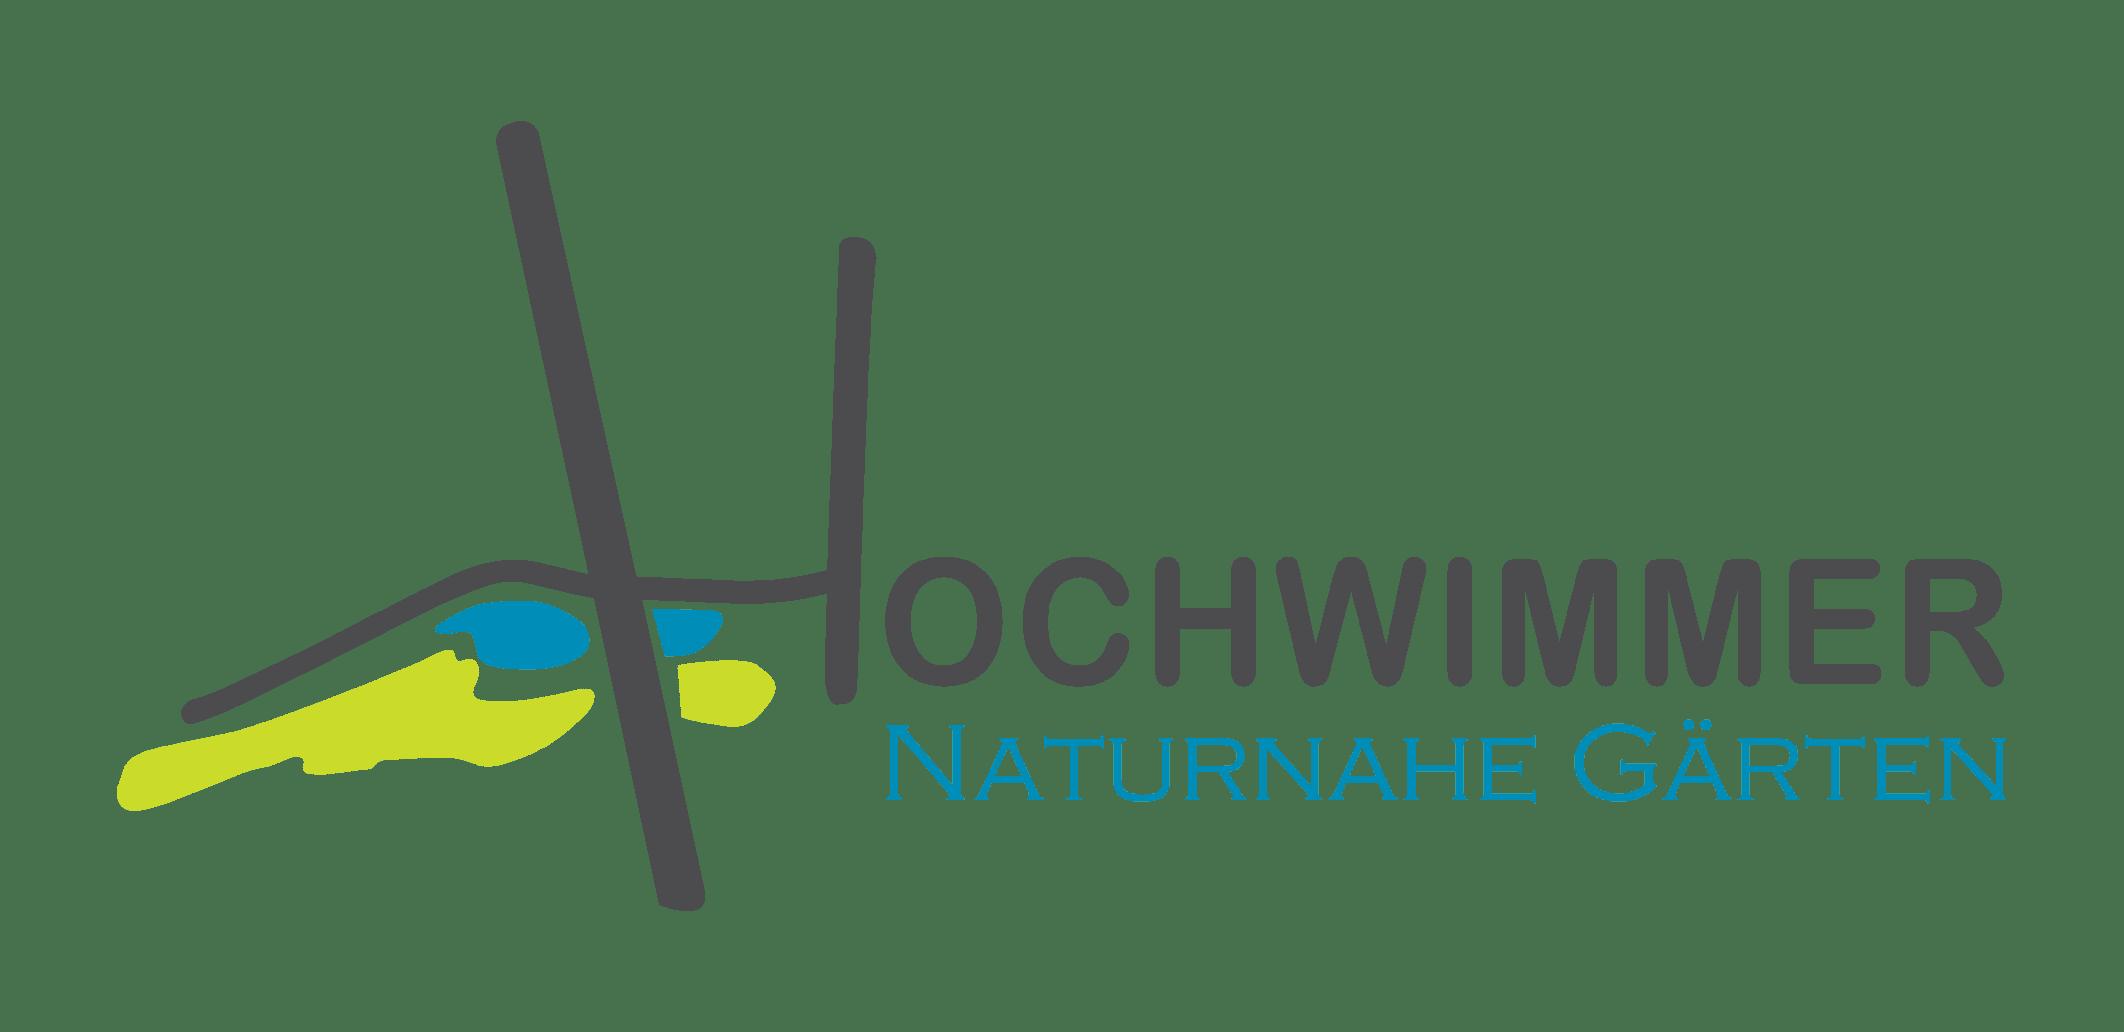 Naturnahe Gärten Hochwimmer Schwimmteiche Trockenmauern Steingärten Gartengestaltung